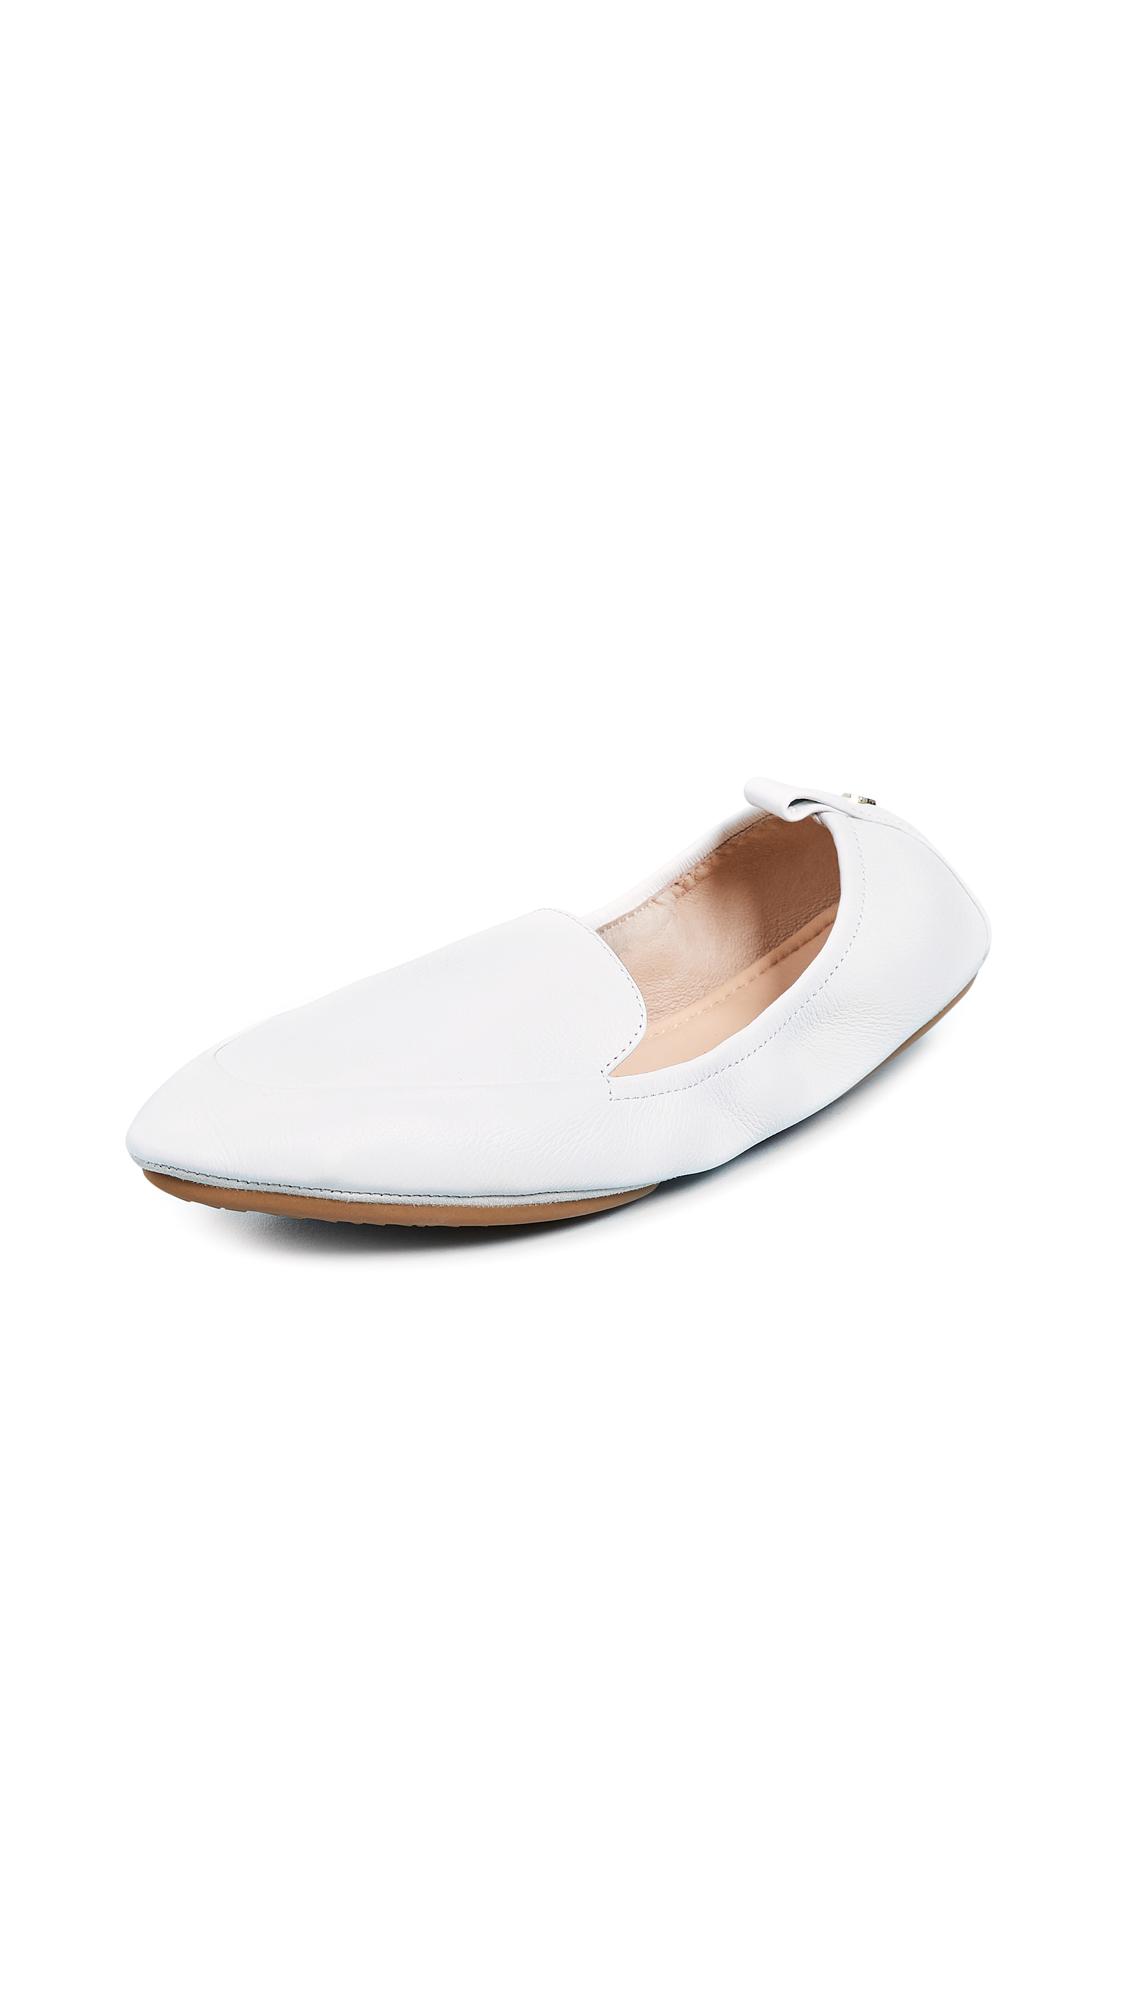 Yosi Samra Skyler Loafers - White